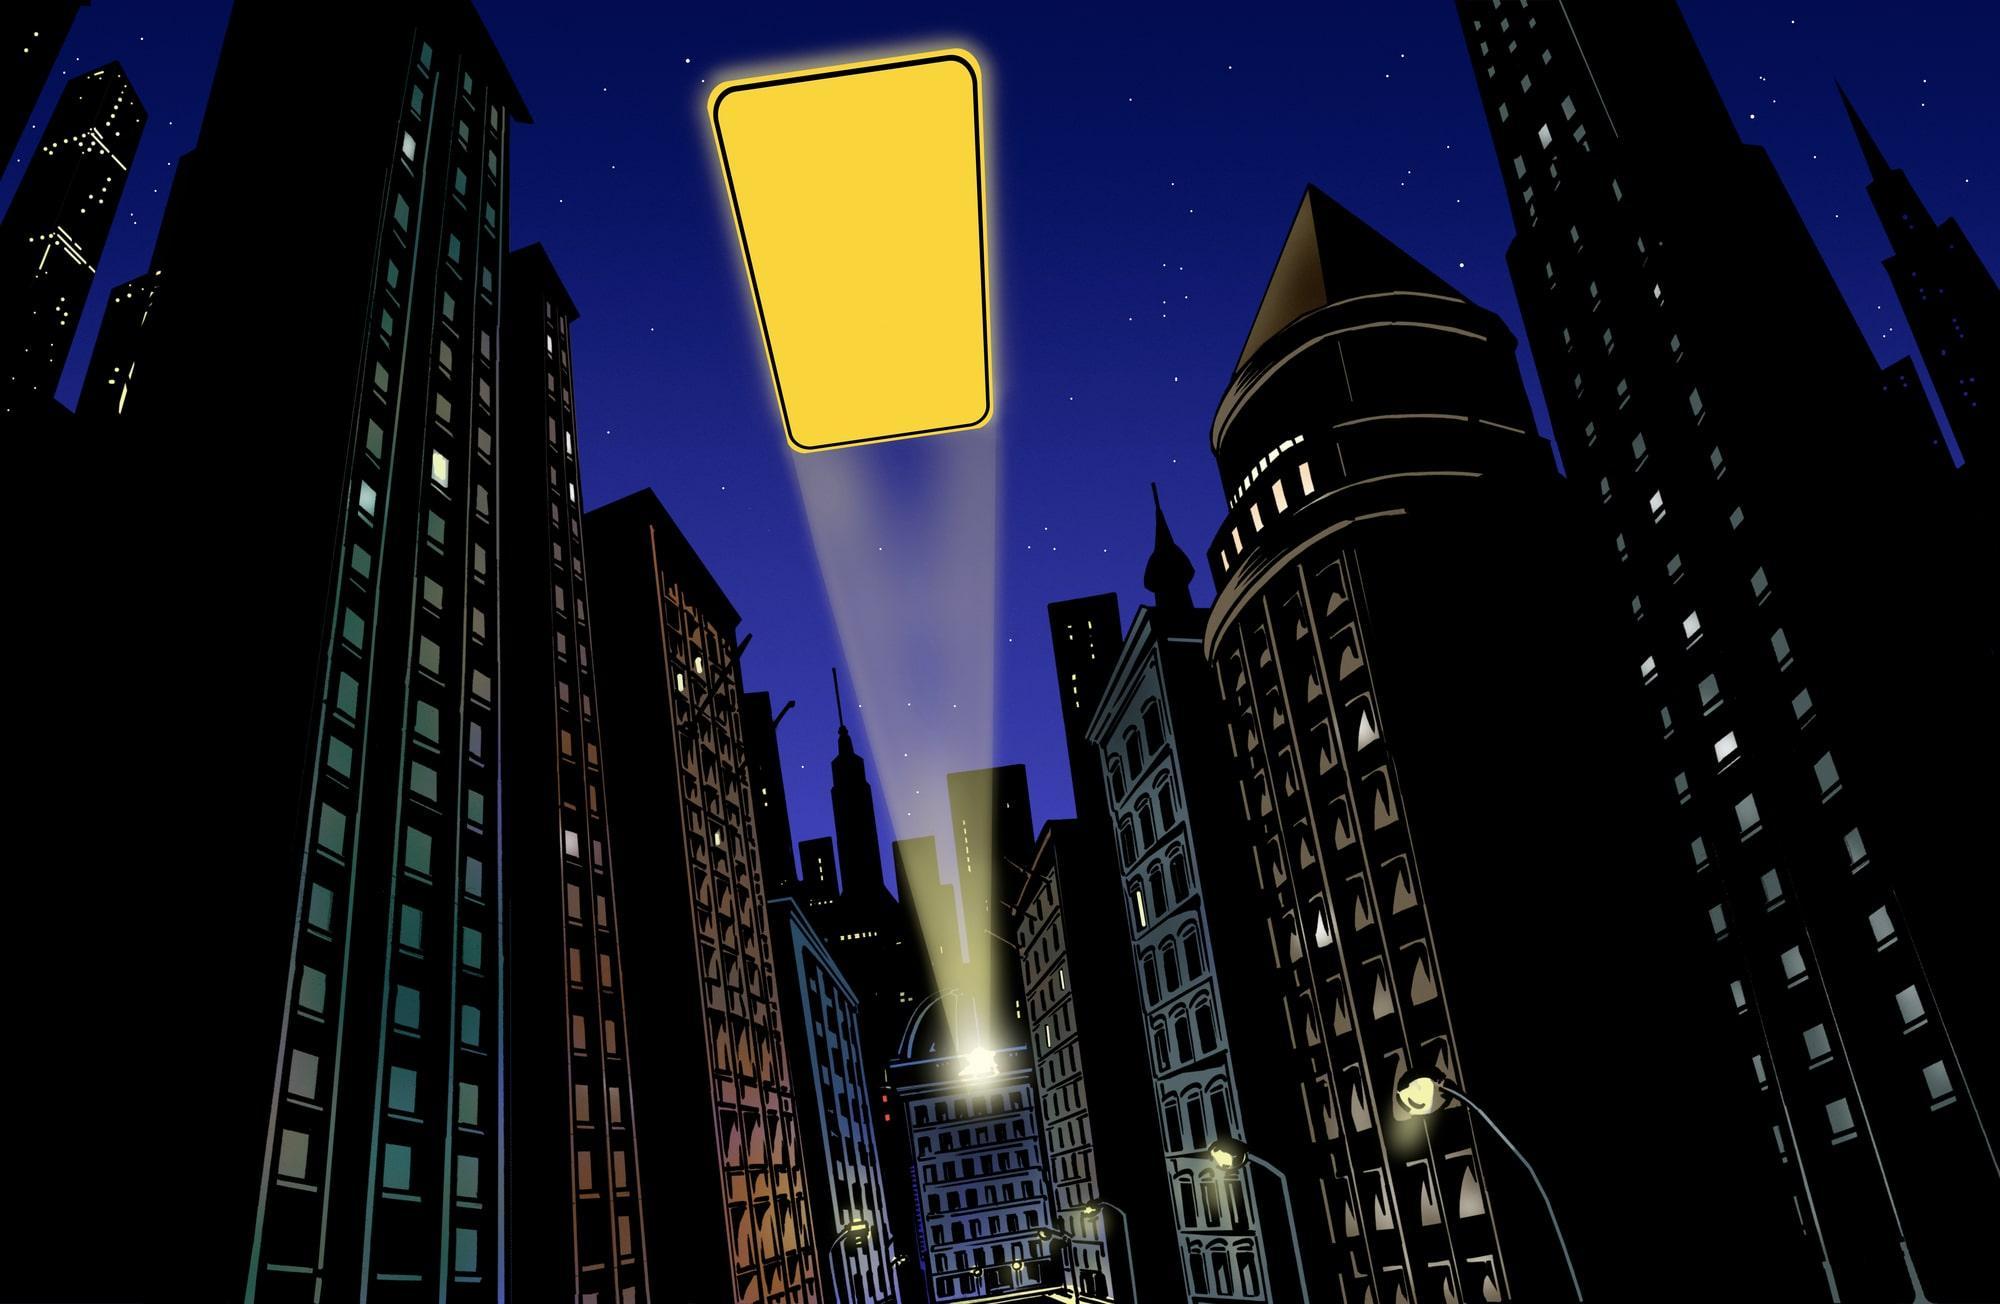 Алан Мур: «Адам Уэст был лучшим Бэтменом в кино»